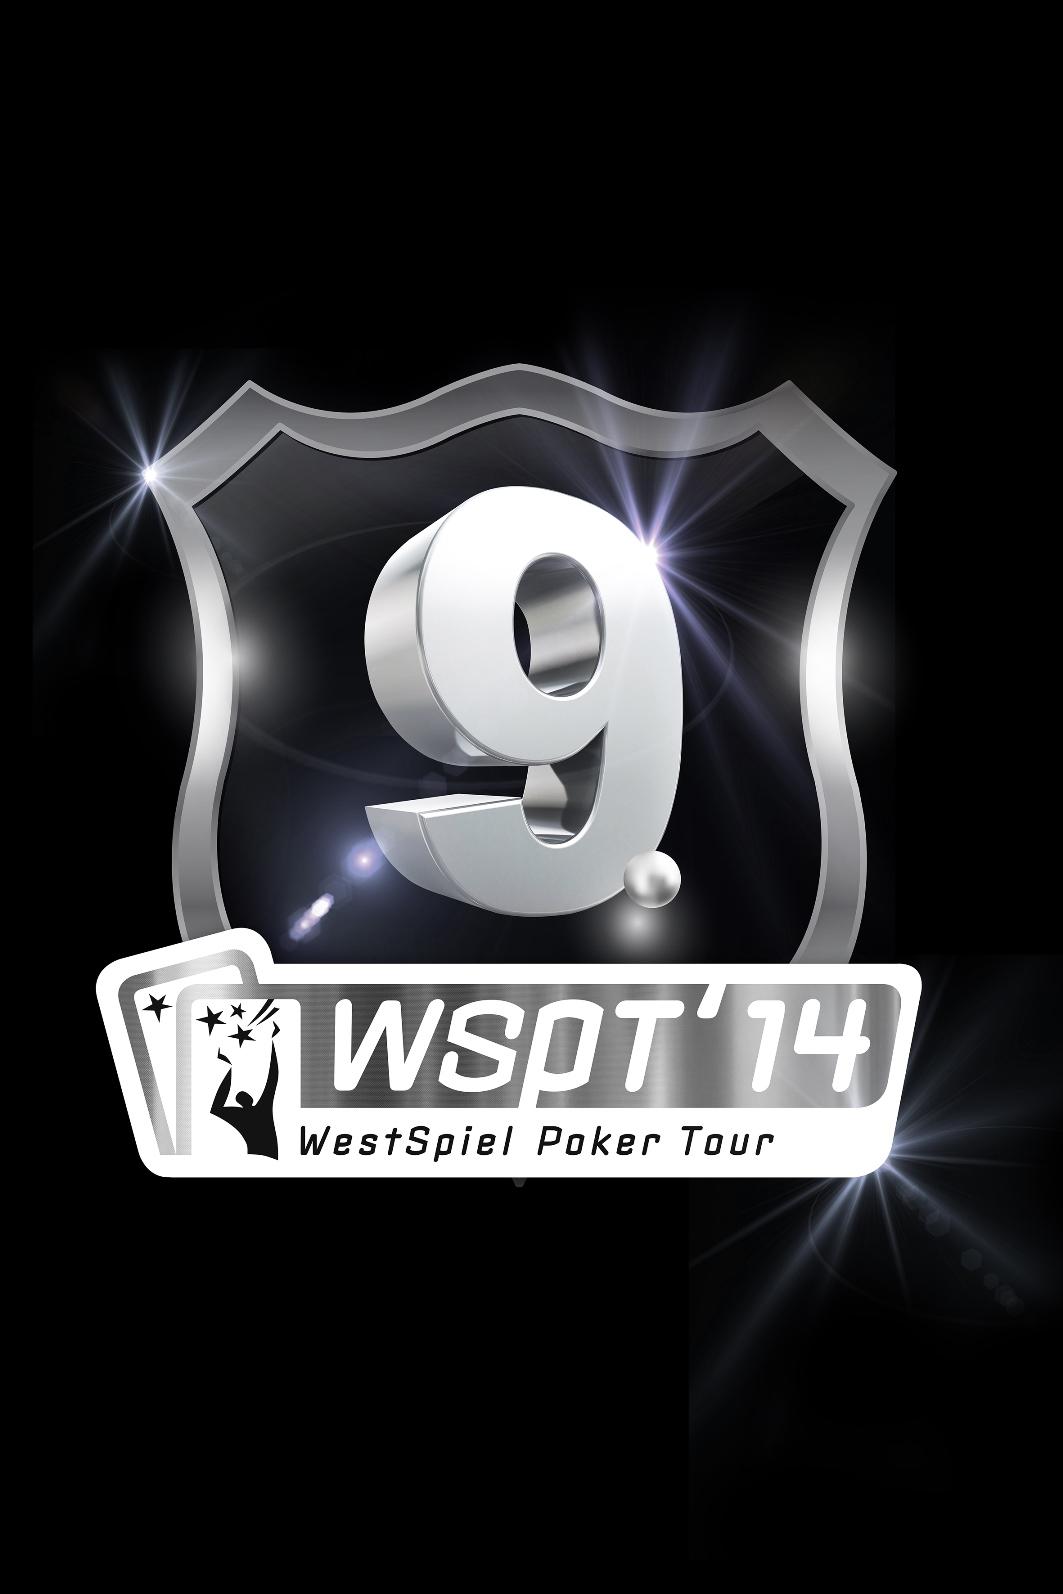 casino duisburg poker anmeldung